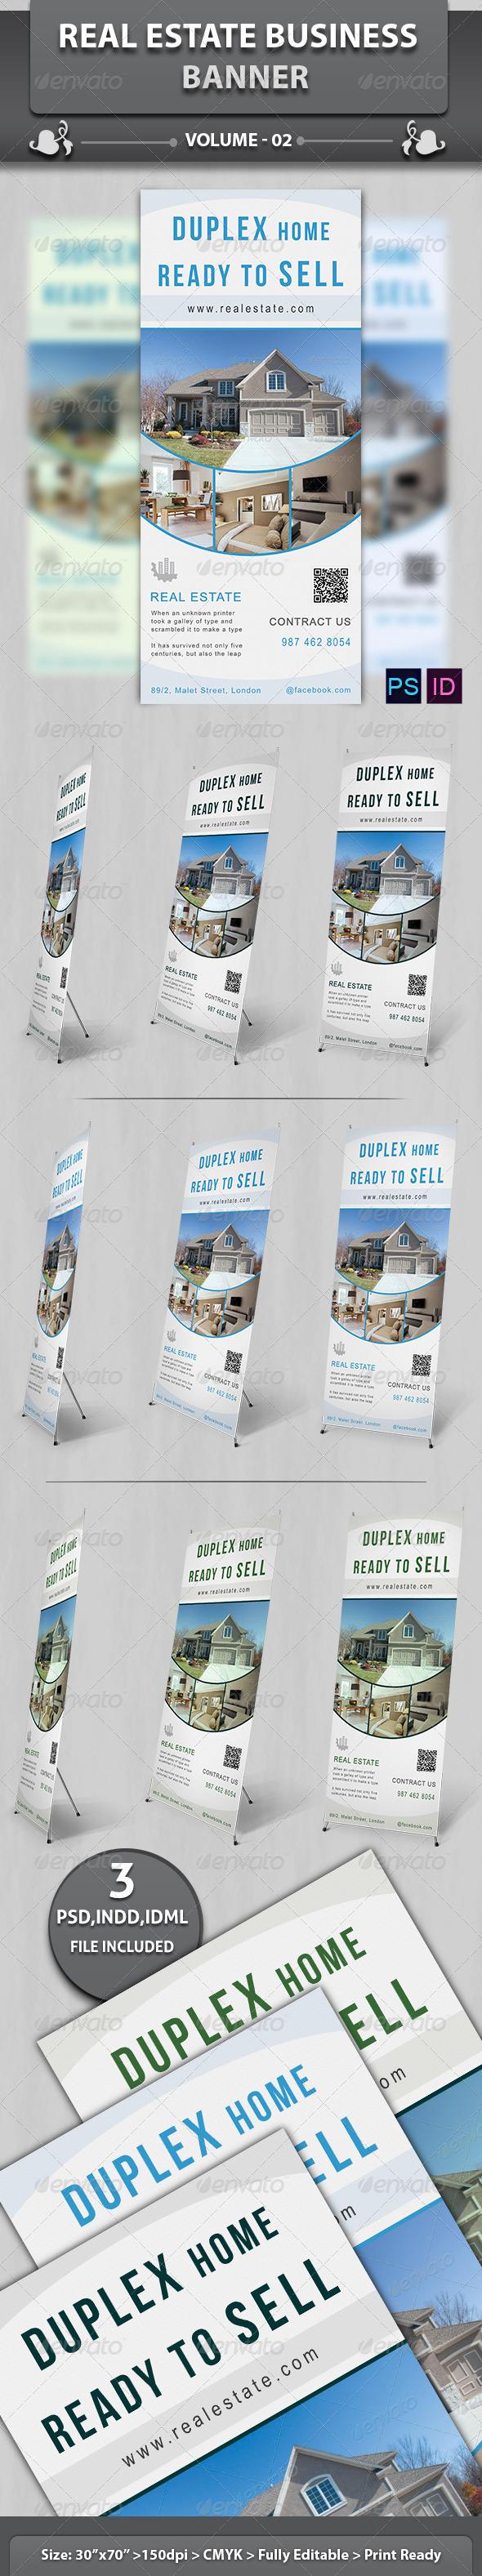 GraphicRiver Real Estate Business Banner V2 6183188